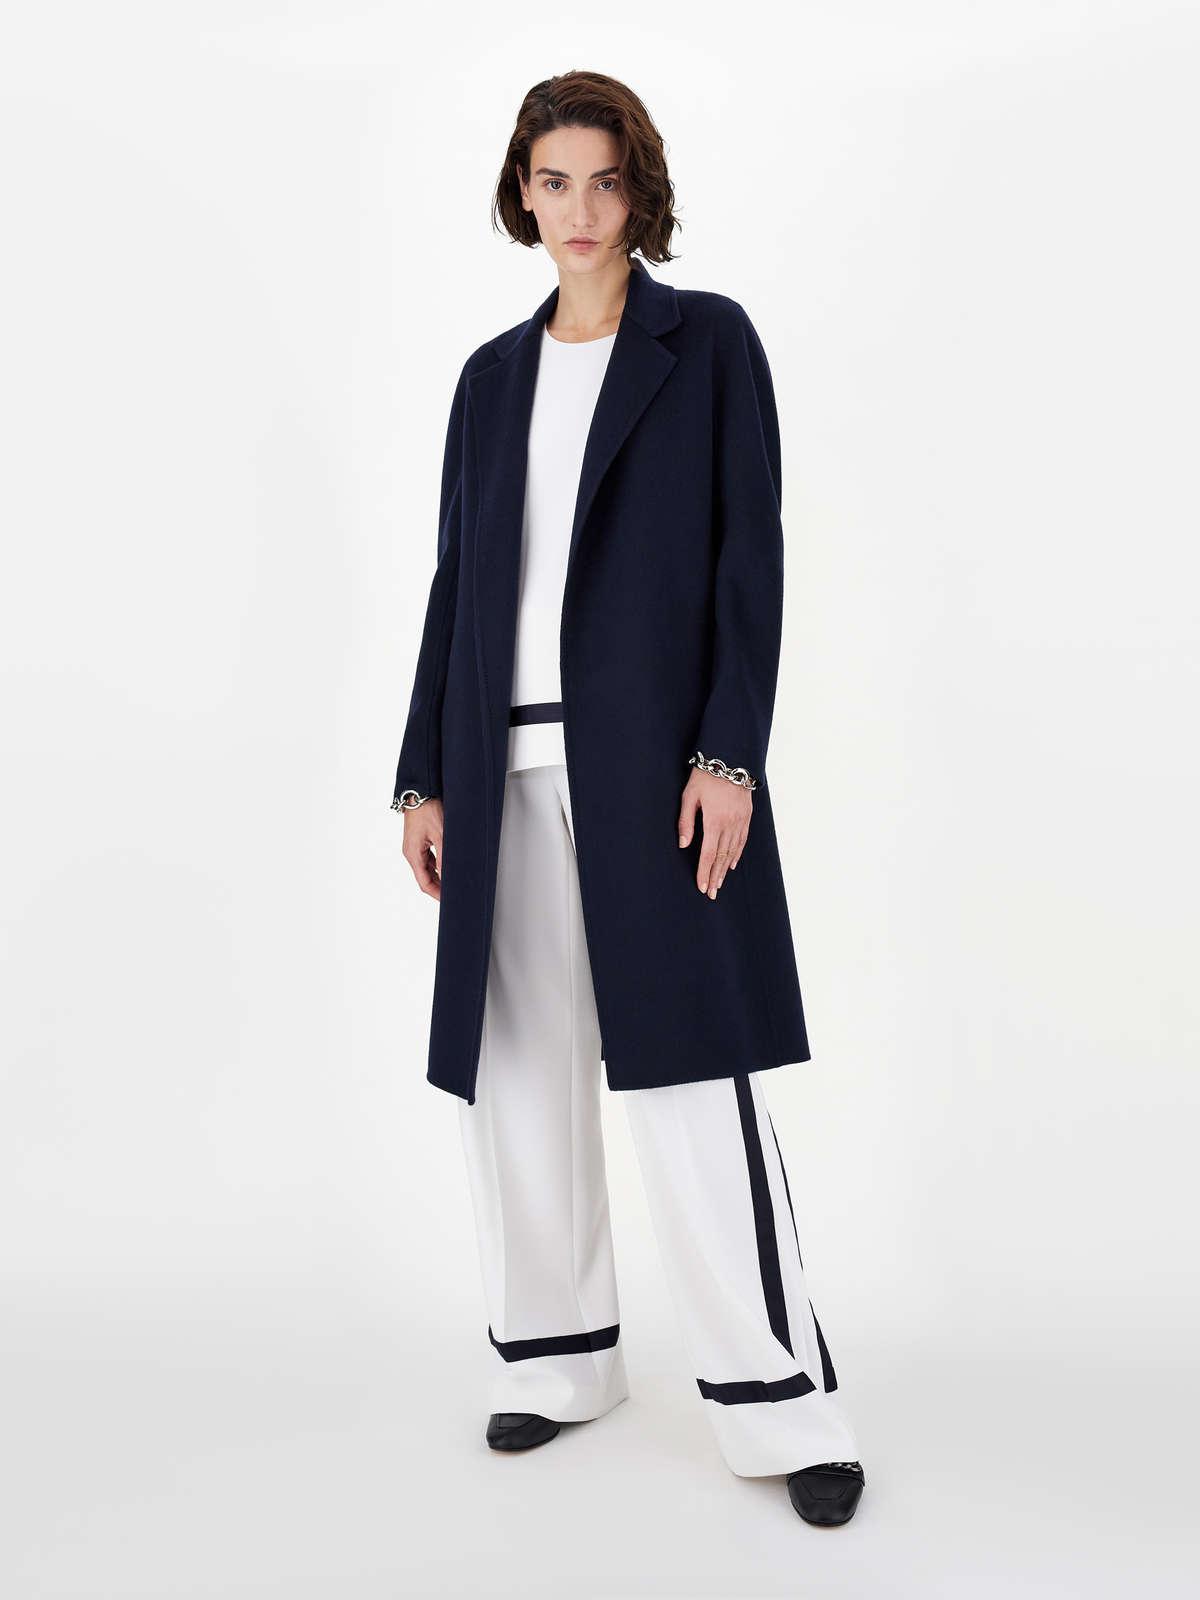 Pure cashmere coat, double hand-stitched - Max Mara